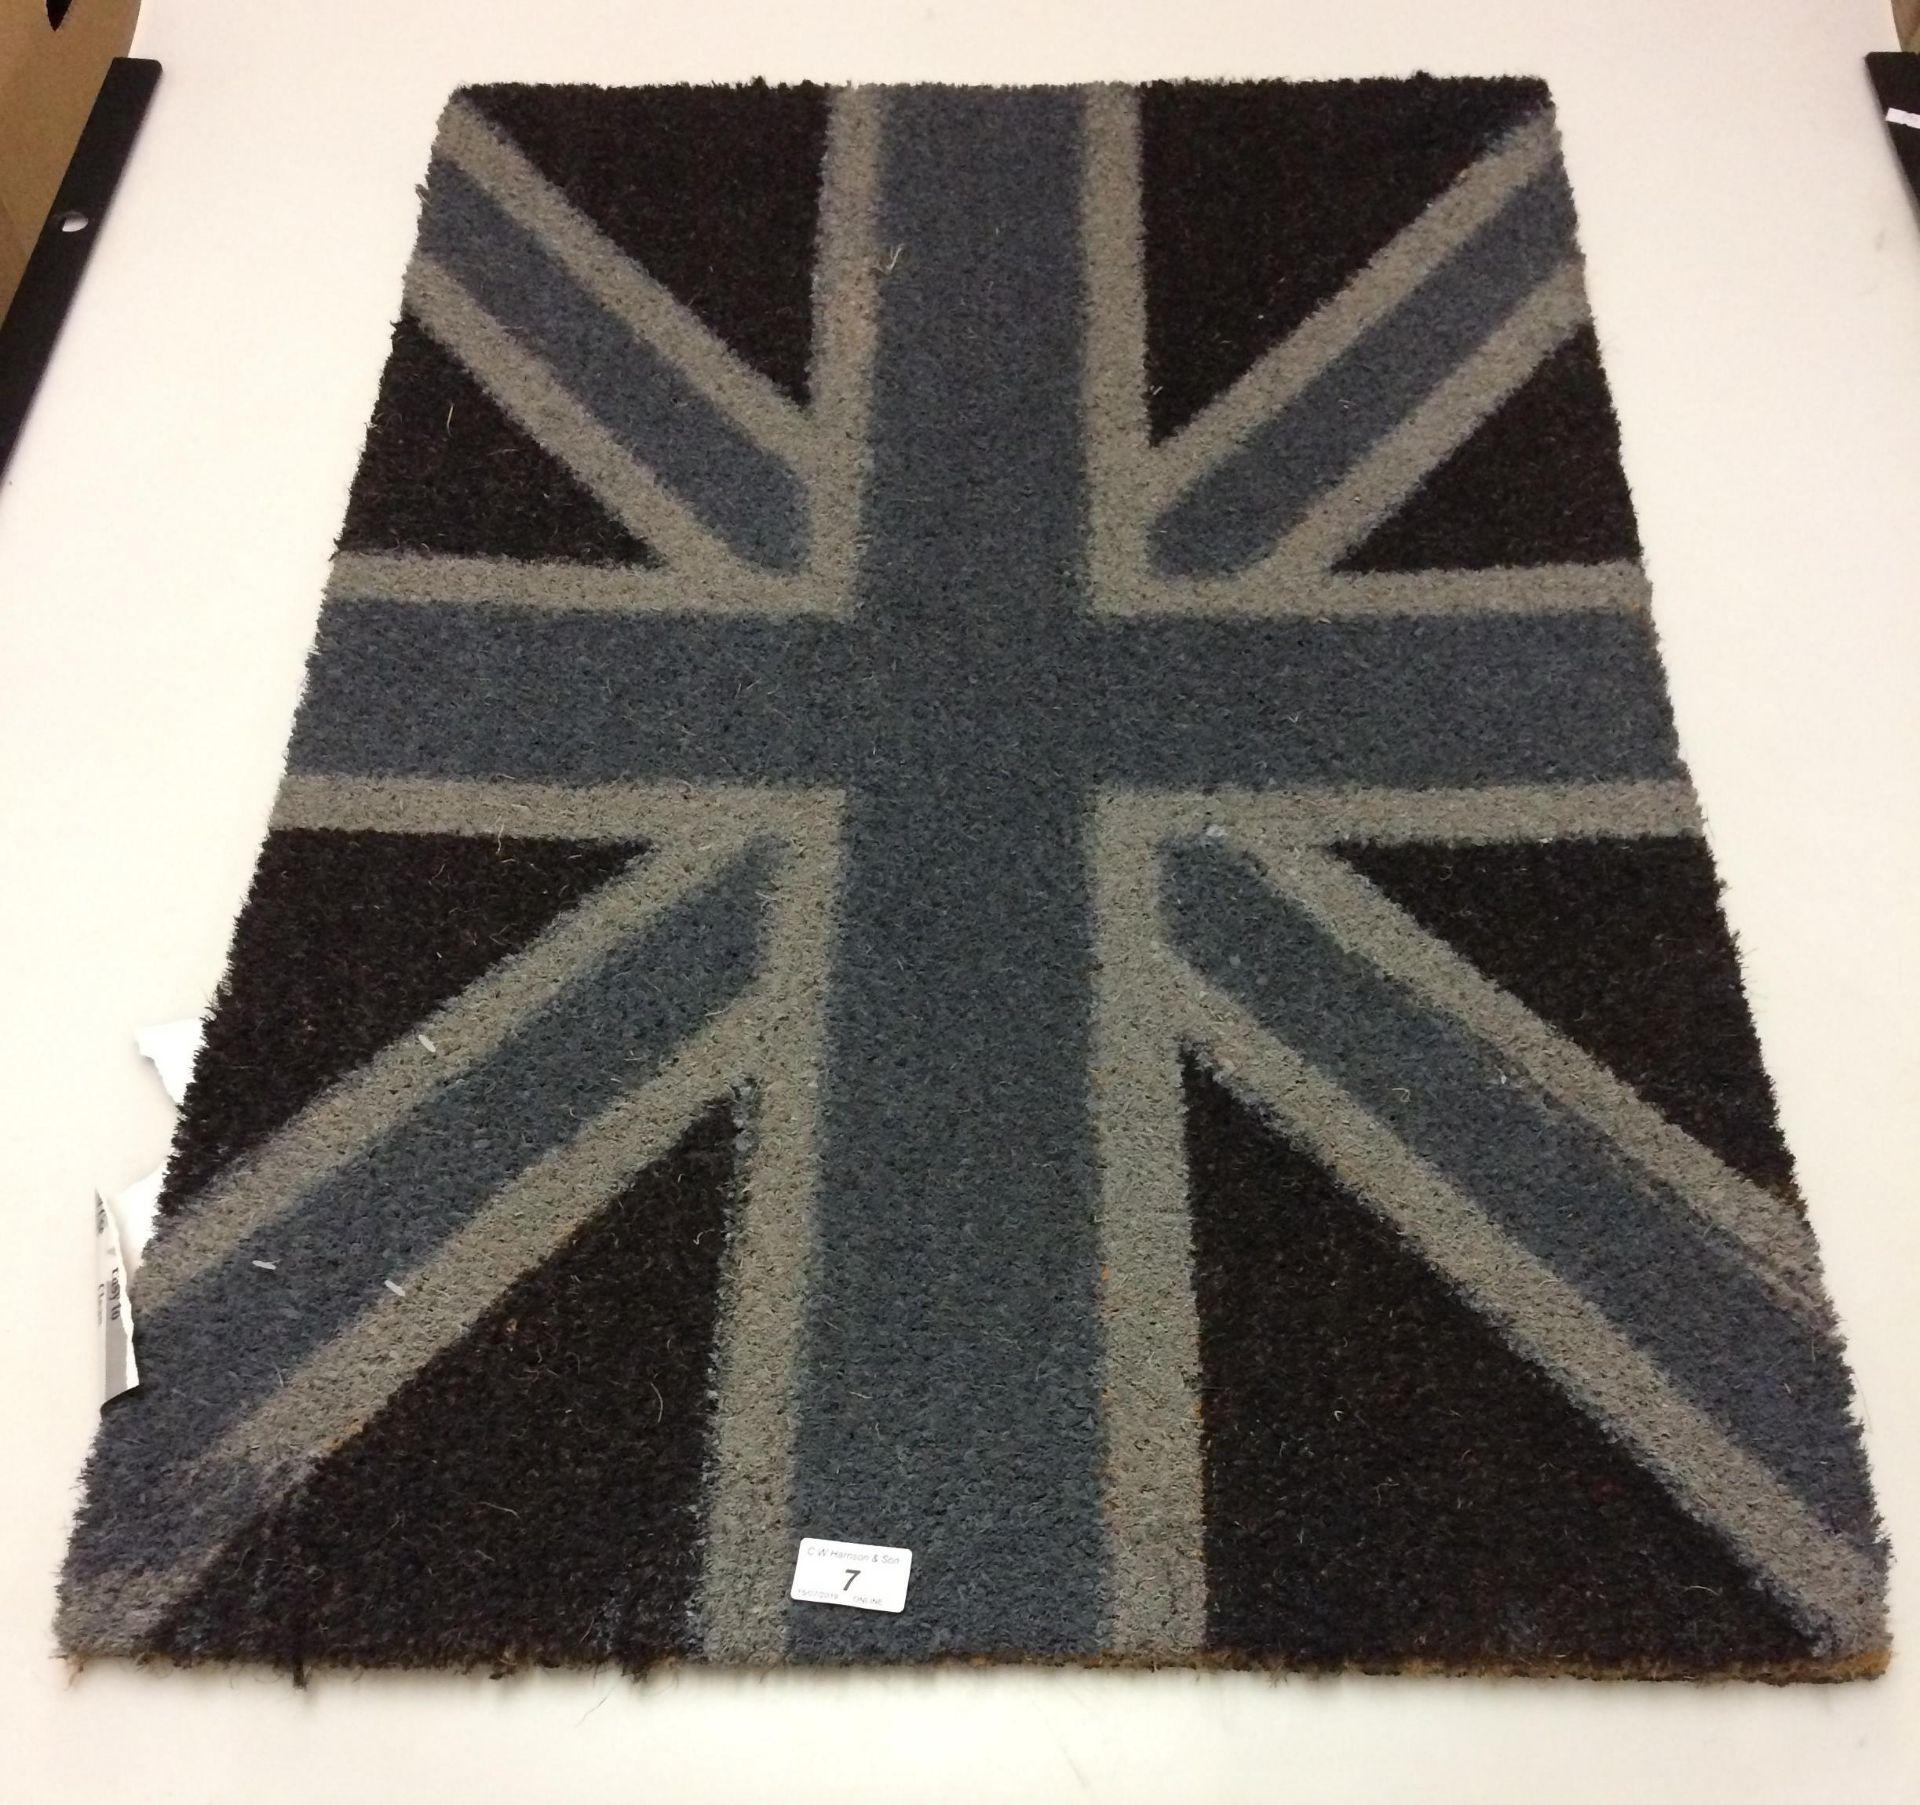 Lot 7 - 20 x Primeur luxury coir Union Jack door mats 60 x 90cm